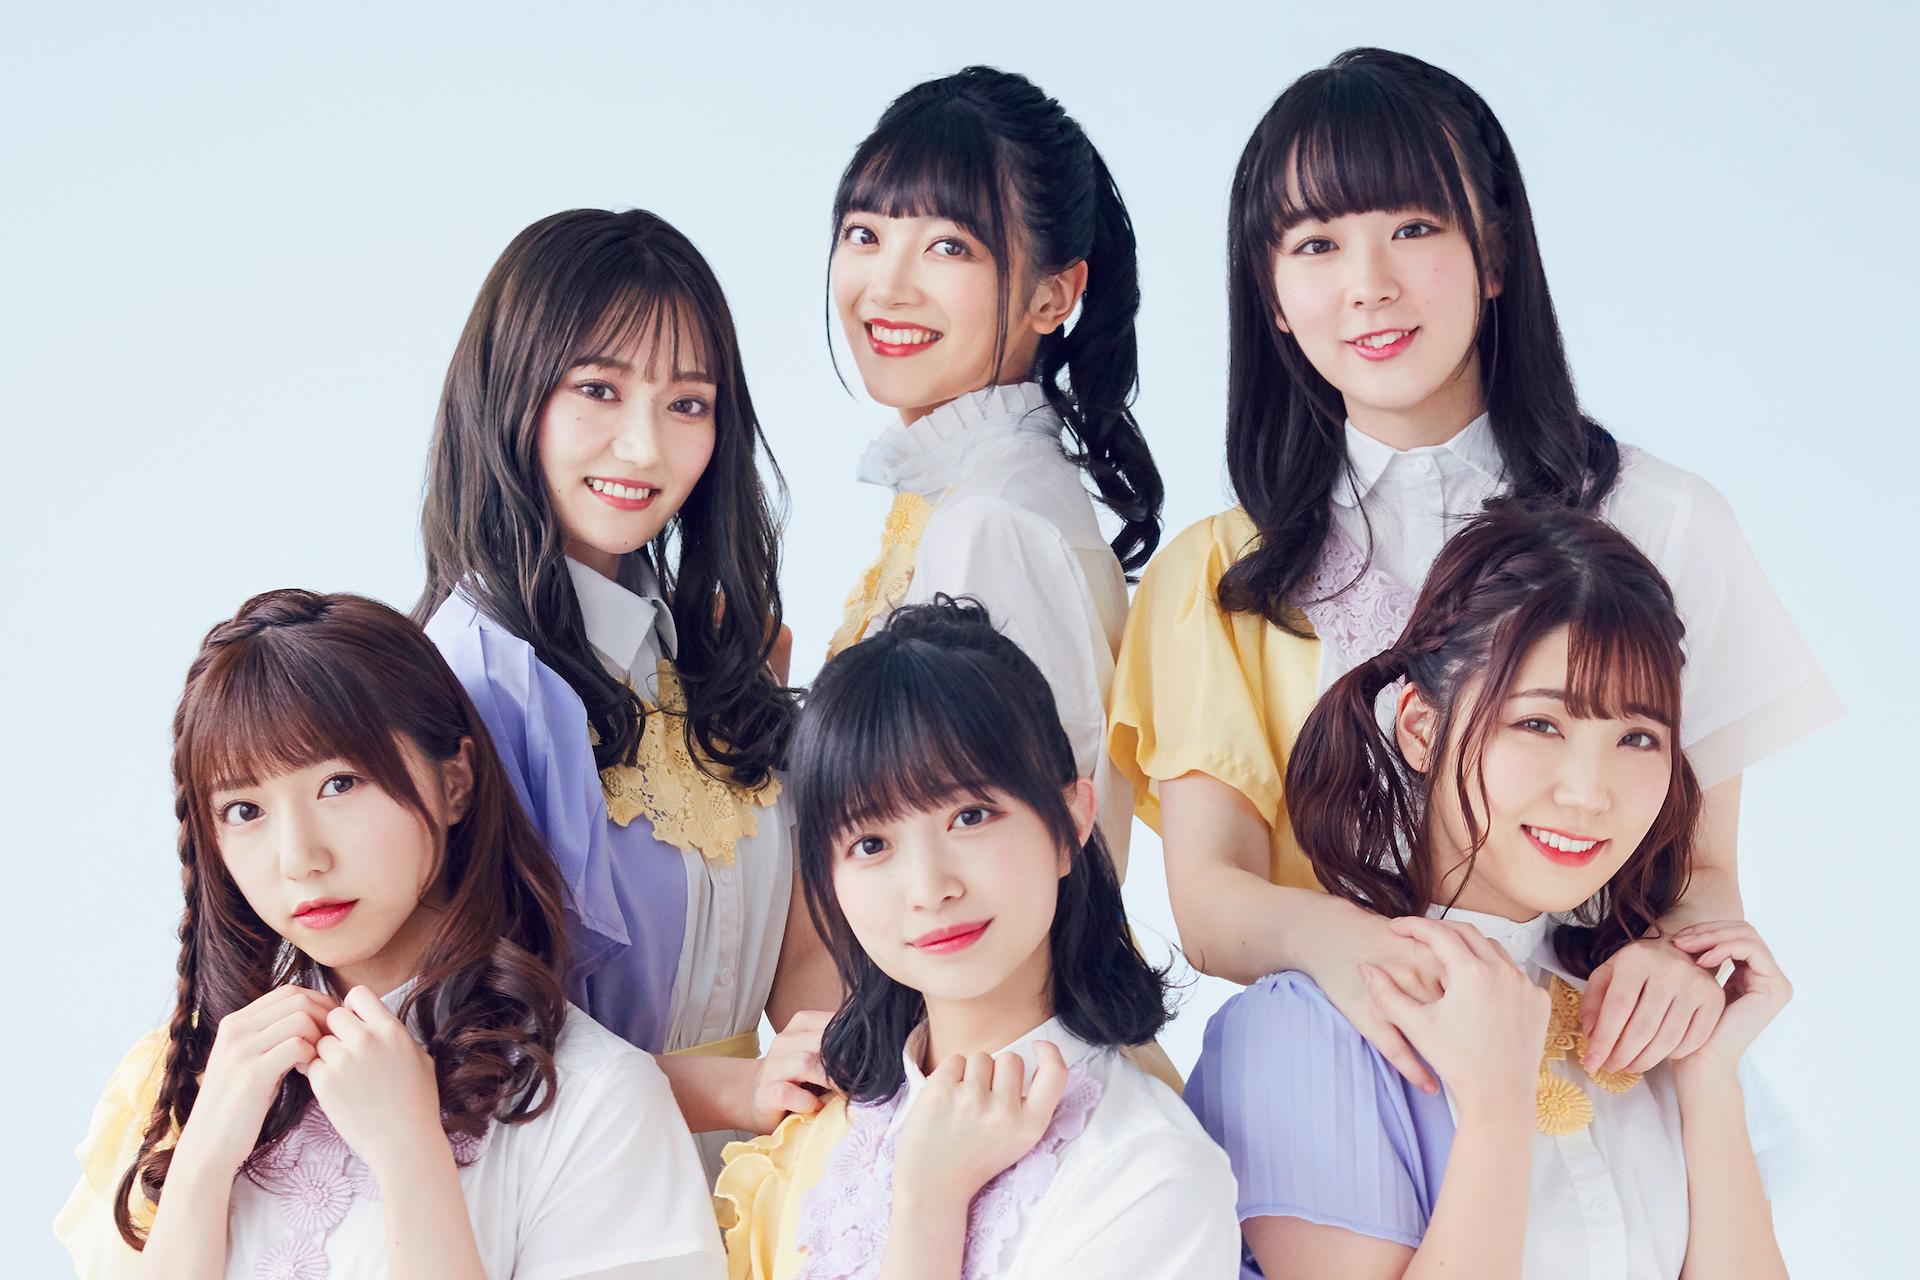 かみやど 単独公演〜ひらがなのひ vol.11〜